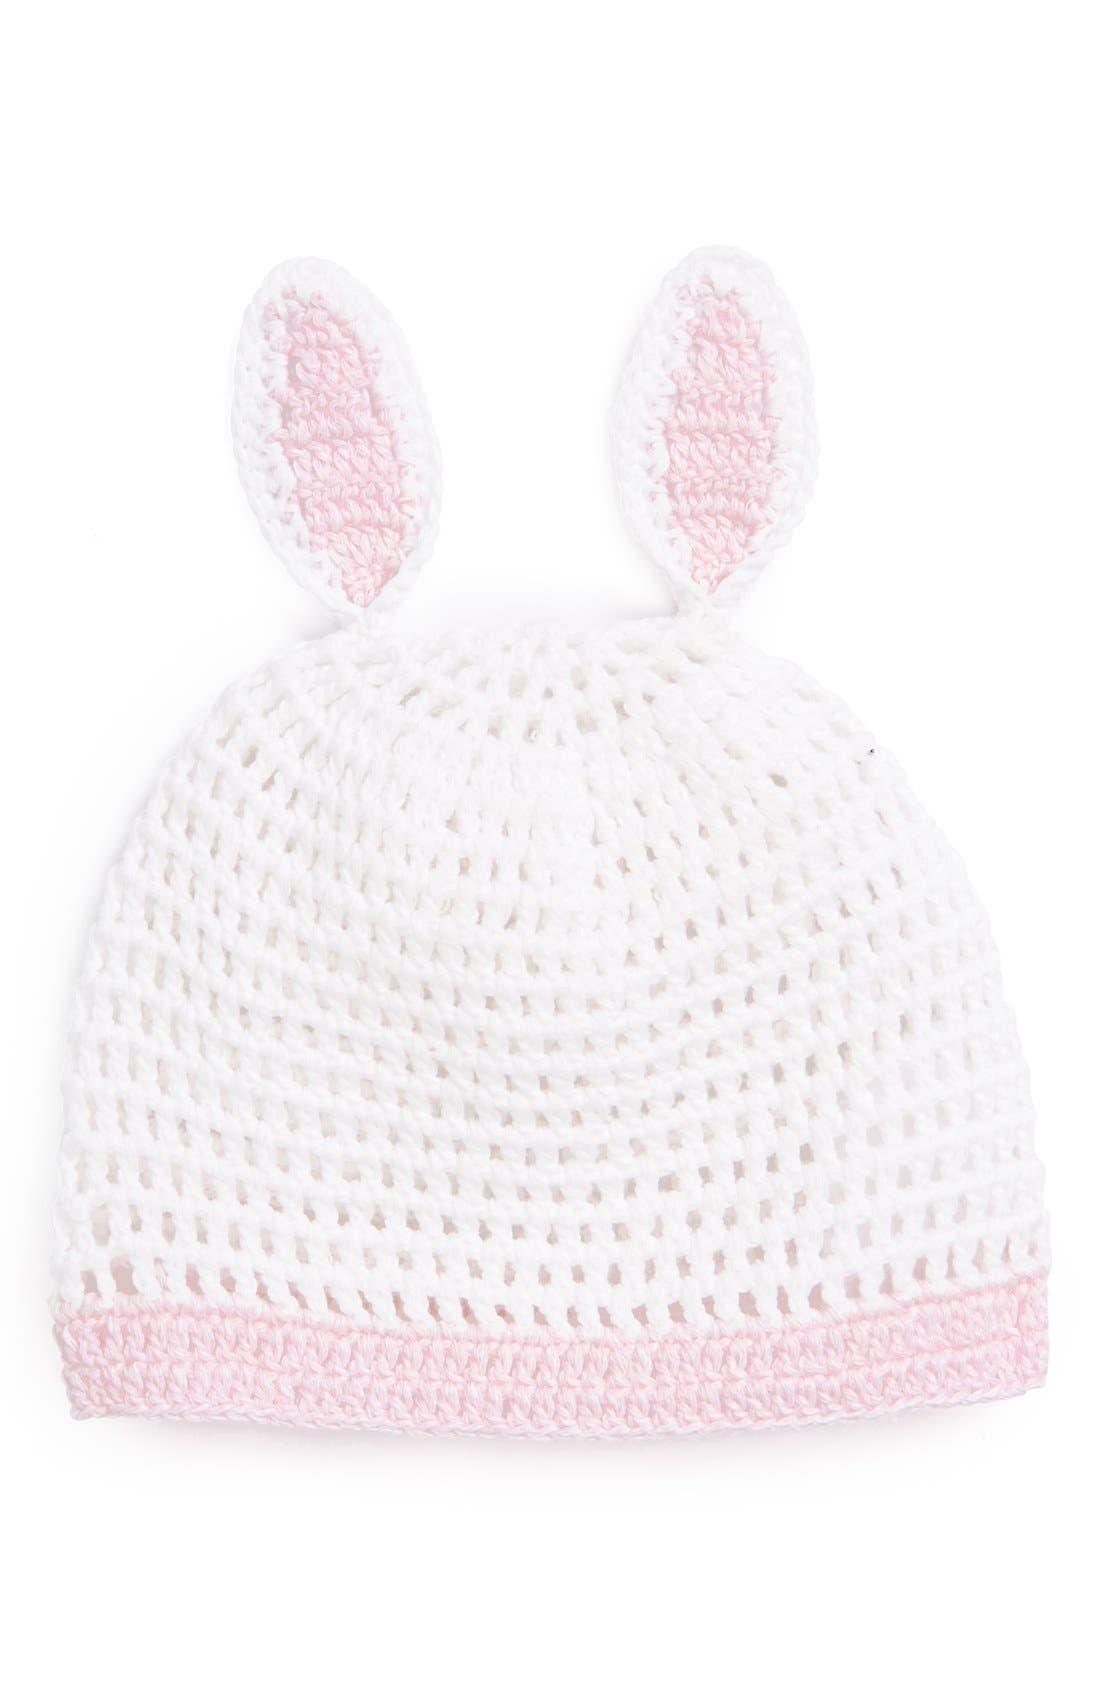 Main Image - Mud Pie 'Bunny' Crochet Hat (Baby Girls)